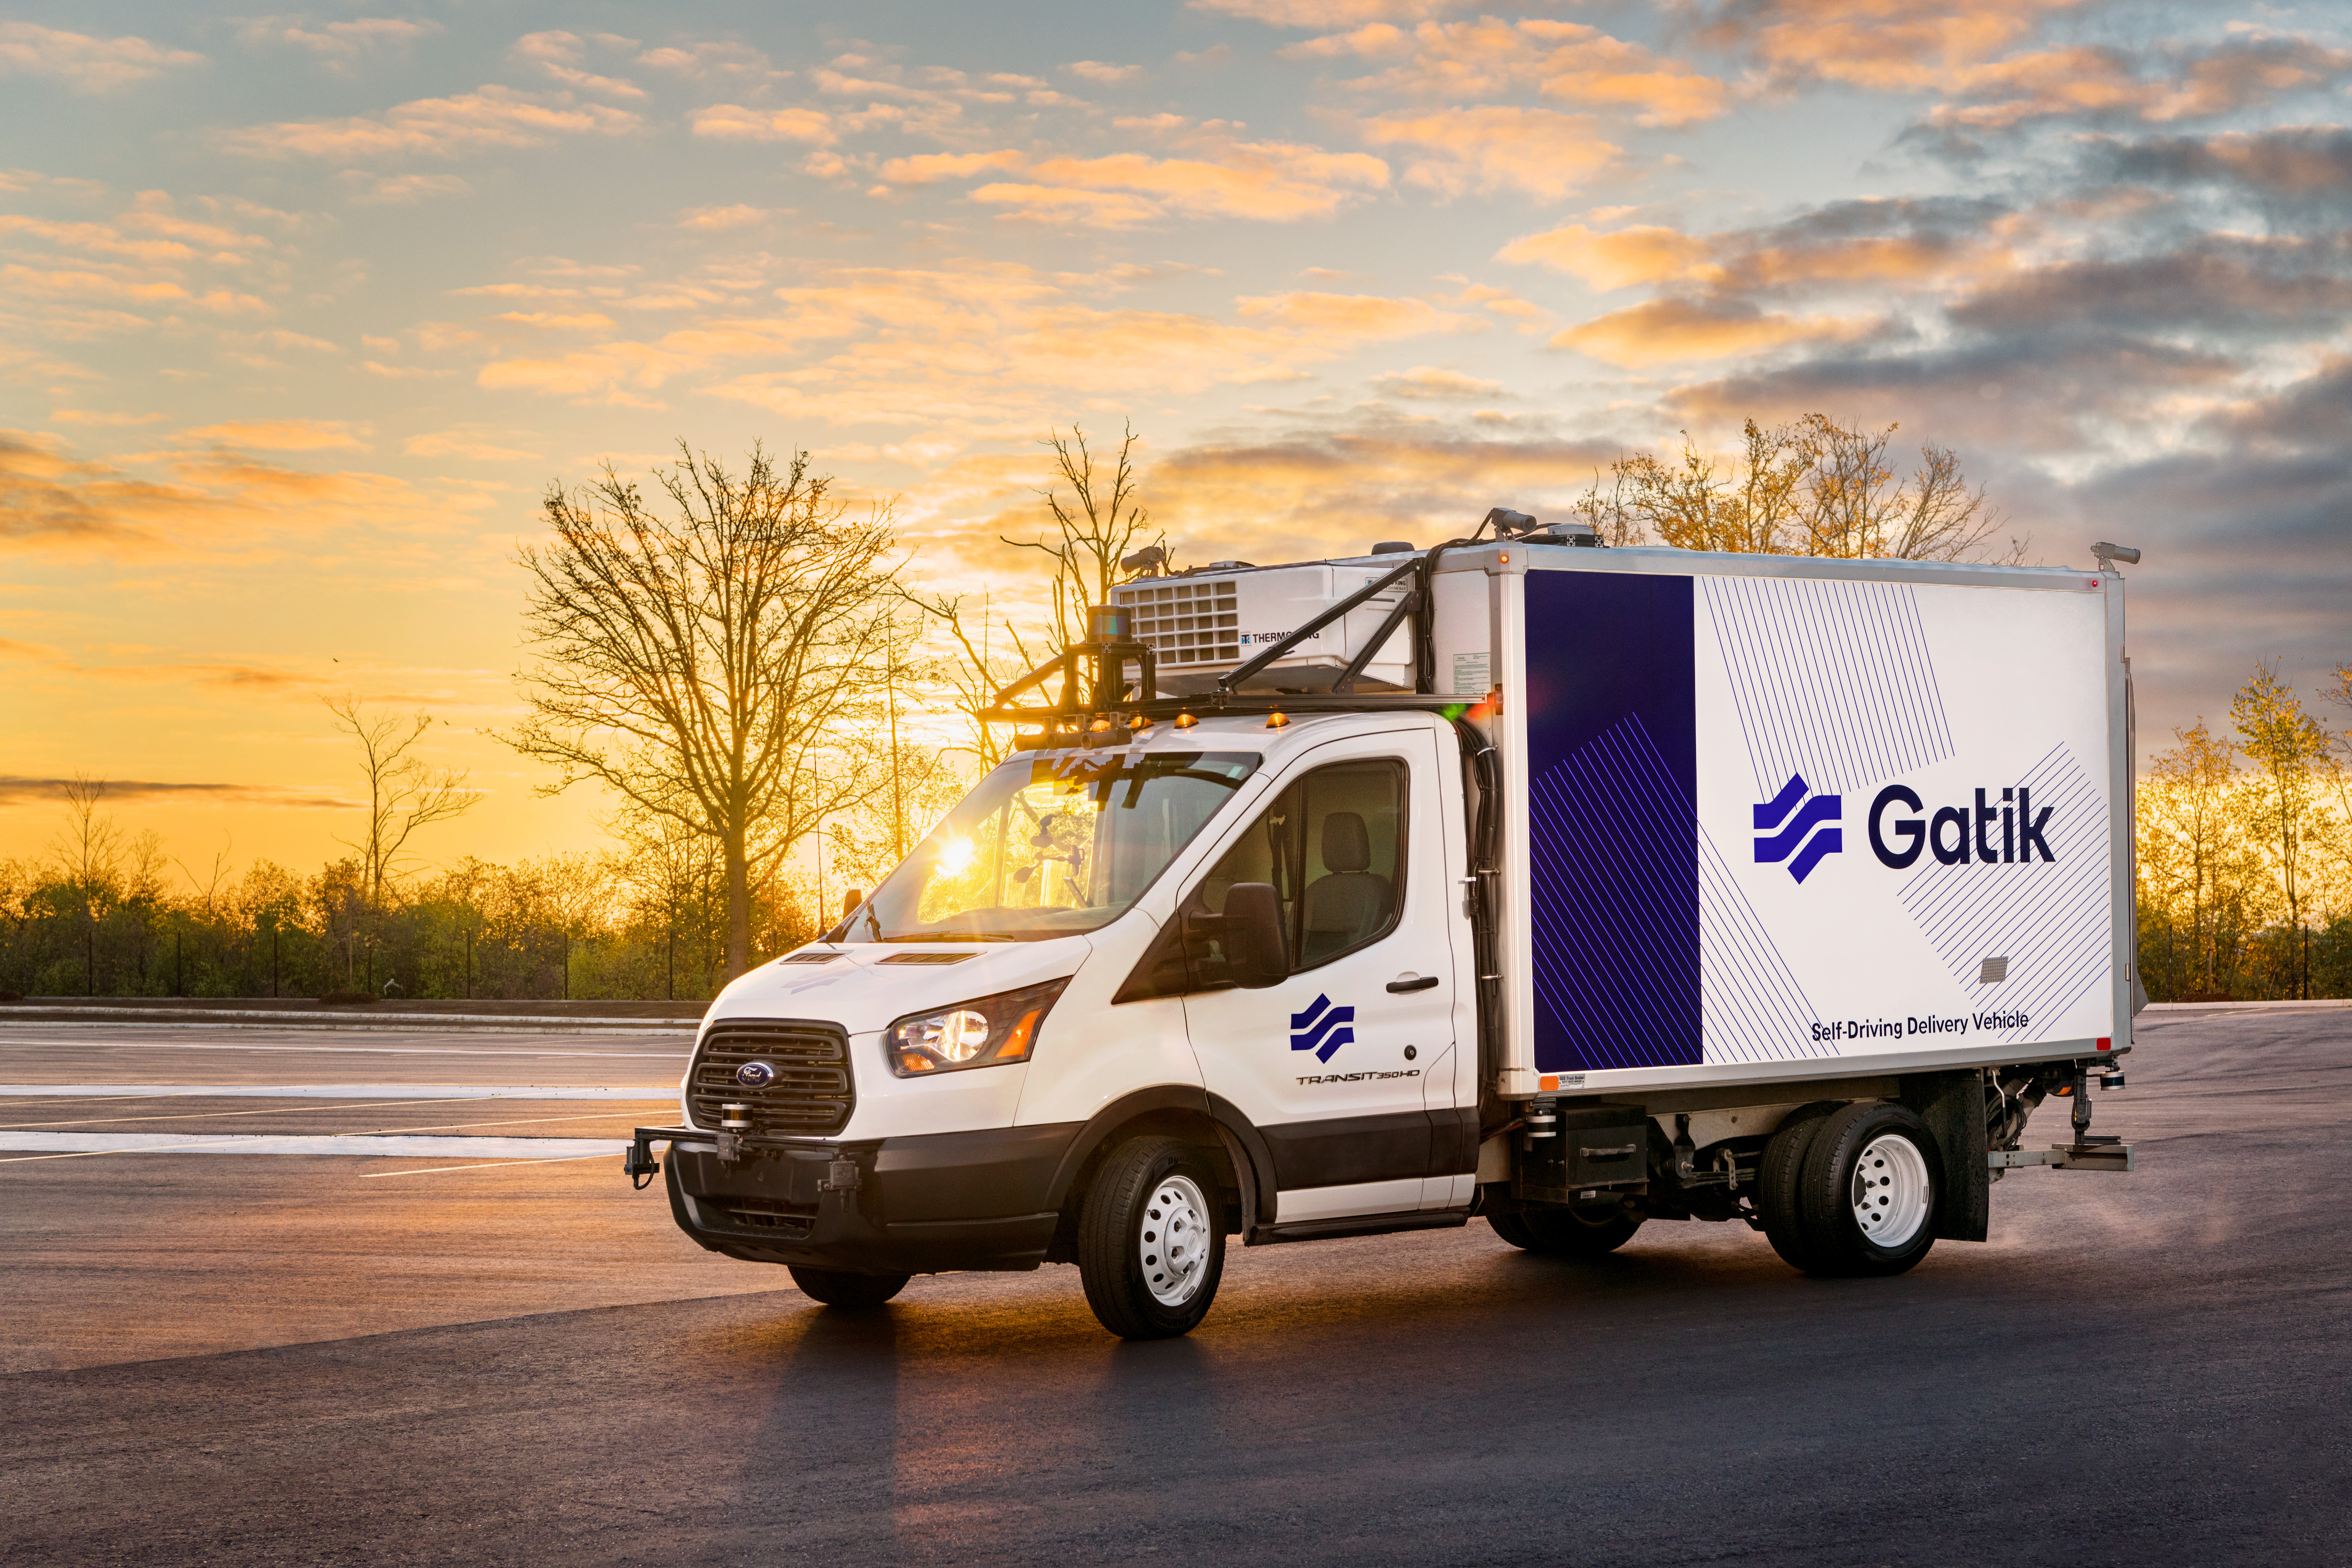 Gatik Autonomous Box Truck